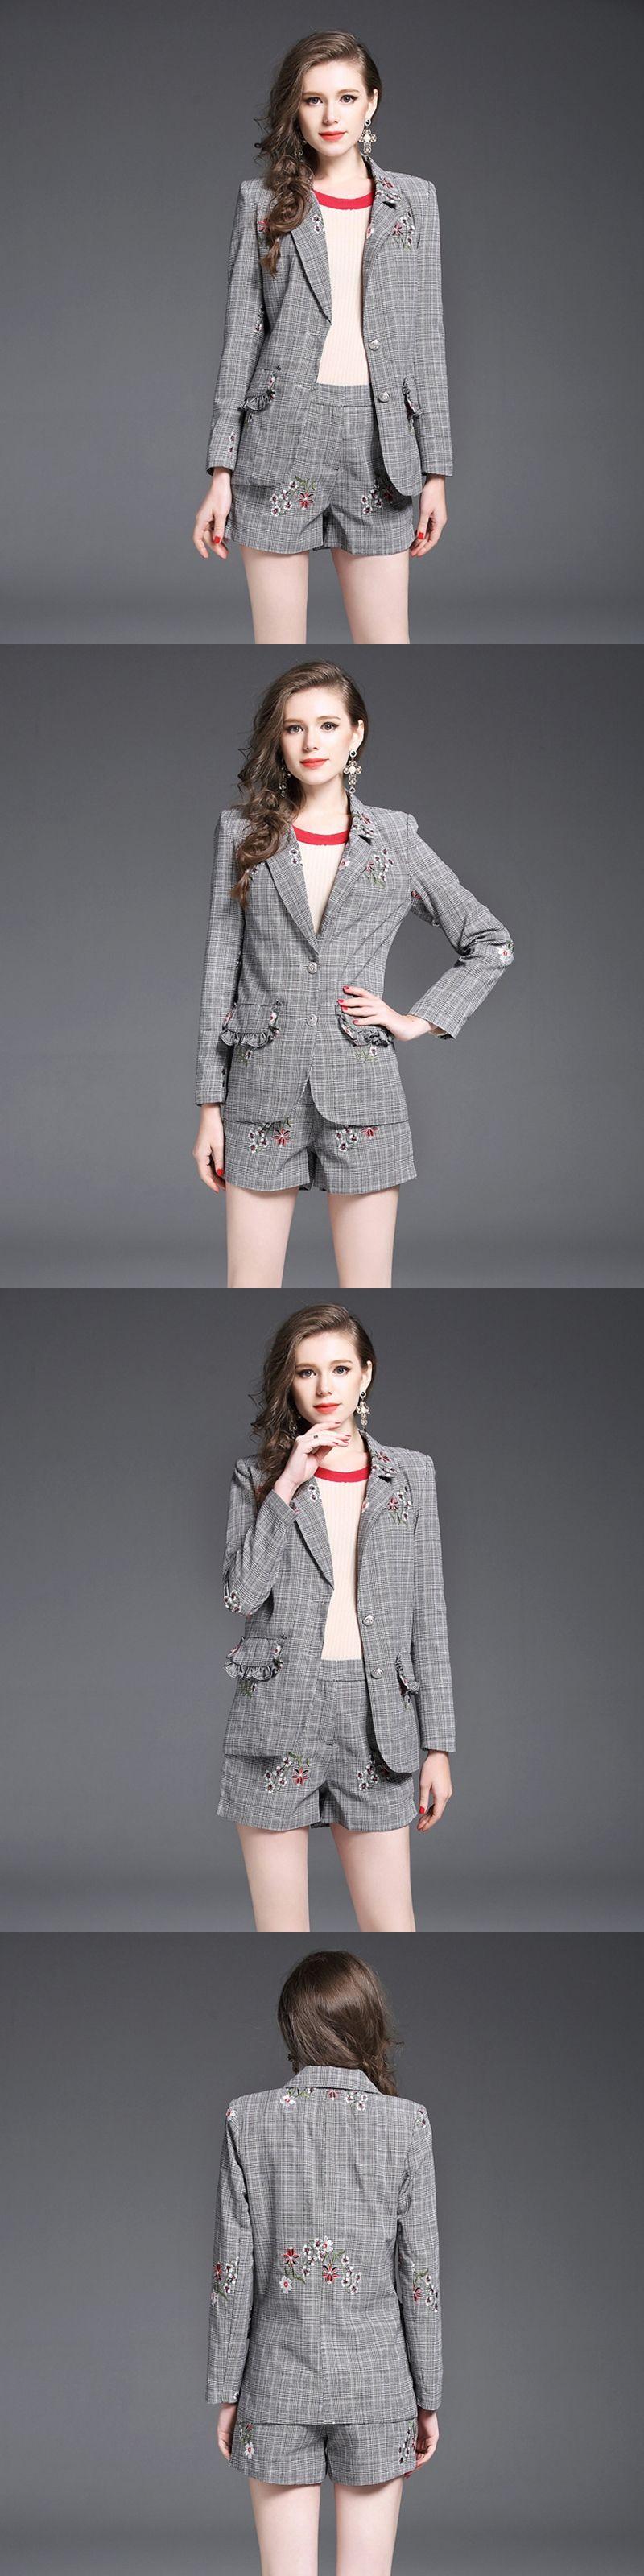 64619487f524 Blazer for Girls Office Suit Korean Style Women suits 2 Piece Set Women s  Blazers and Jacket Runway Coat + Short Pants vestidos